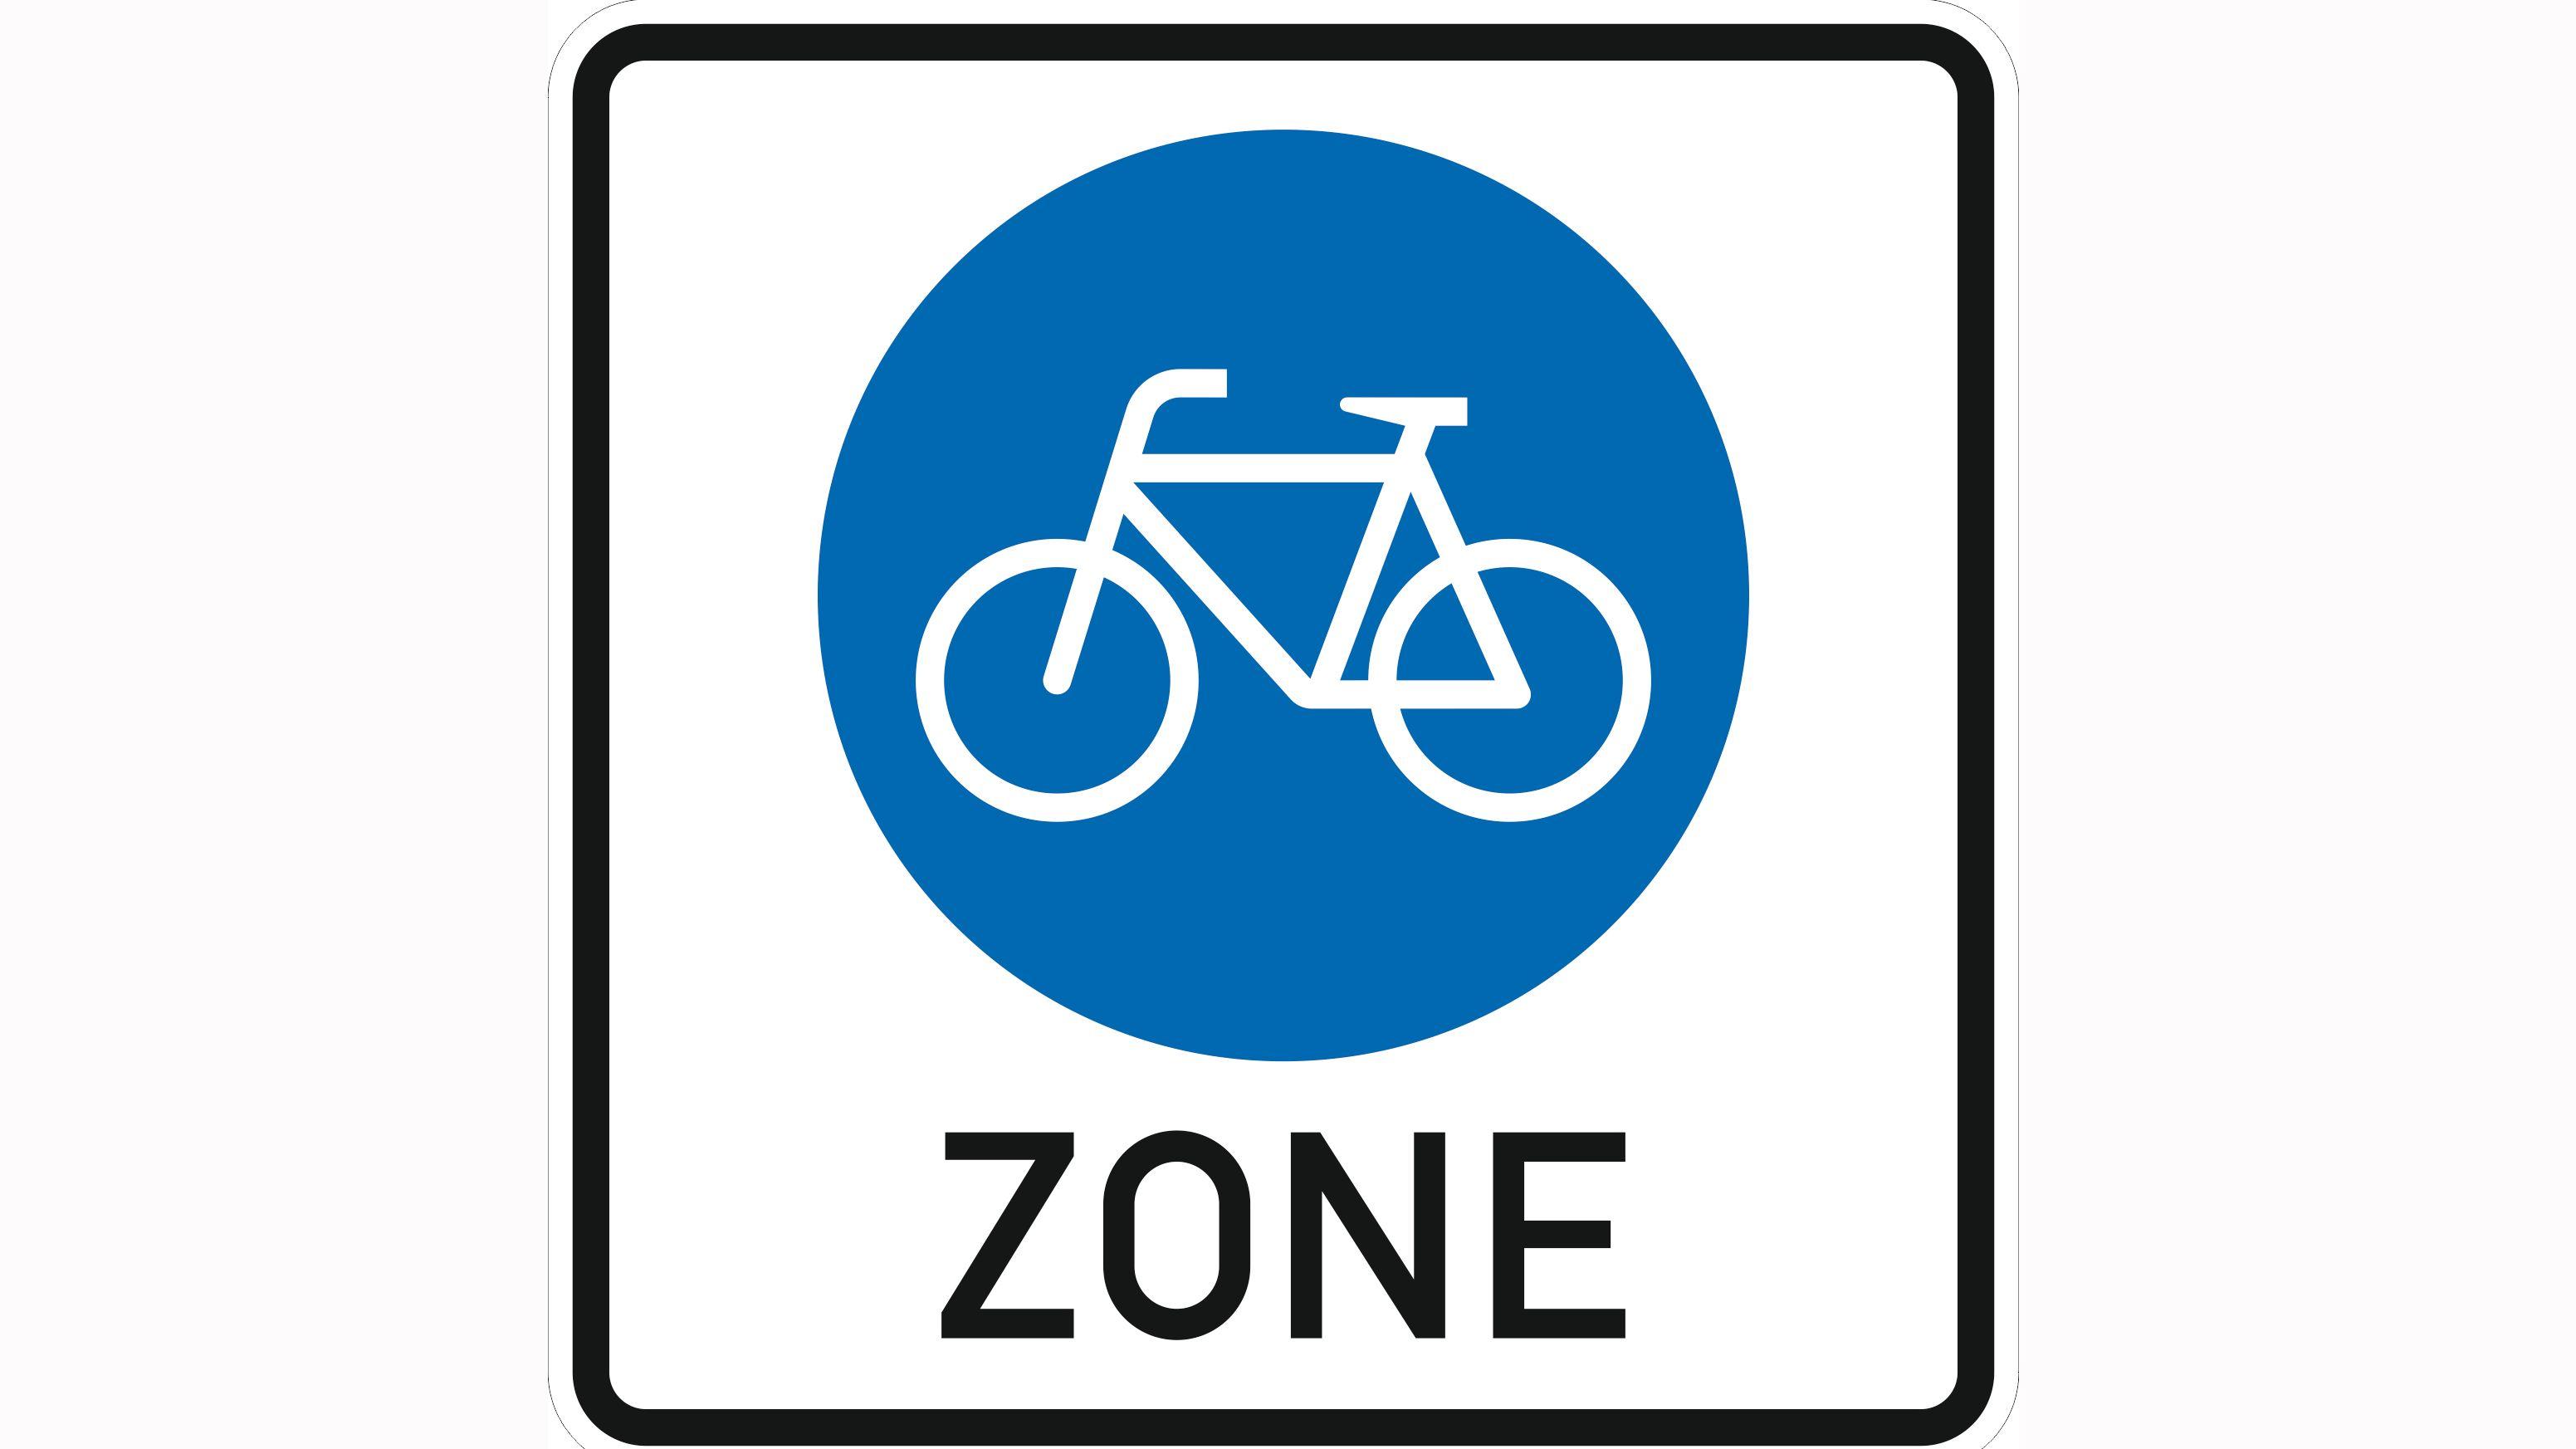 Verkehrszeichen Beginn einer Fahrradzone